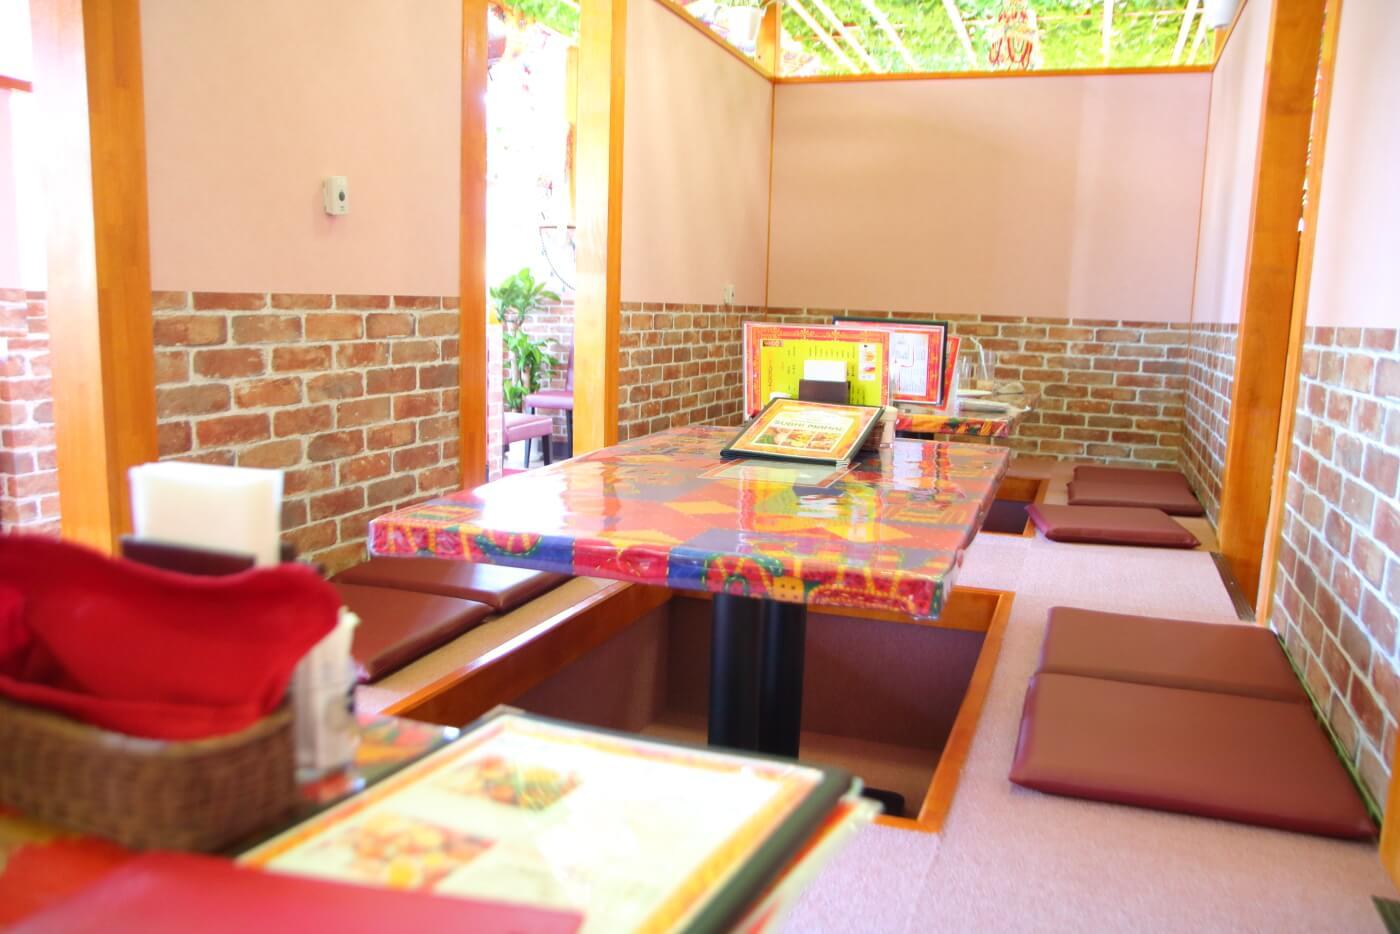 インド料理 スビマハル 内観 掘りごたつ座敷